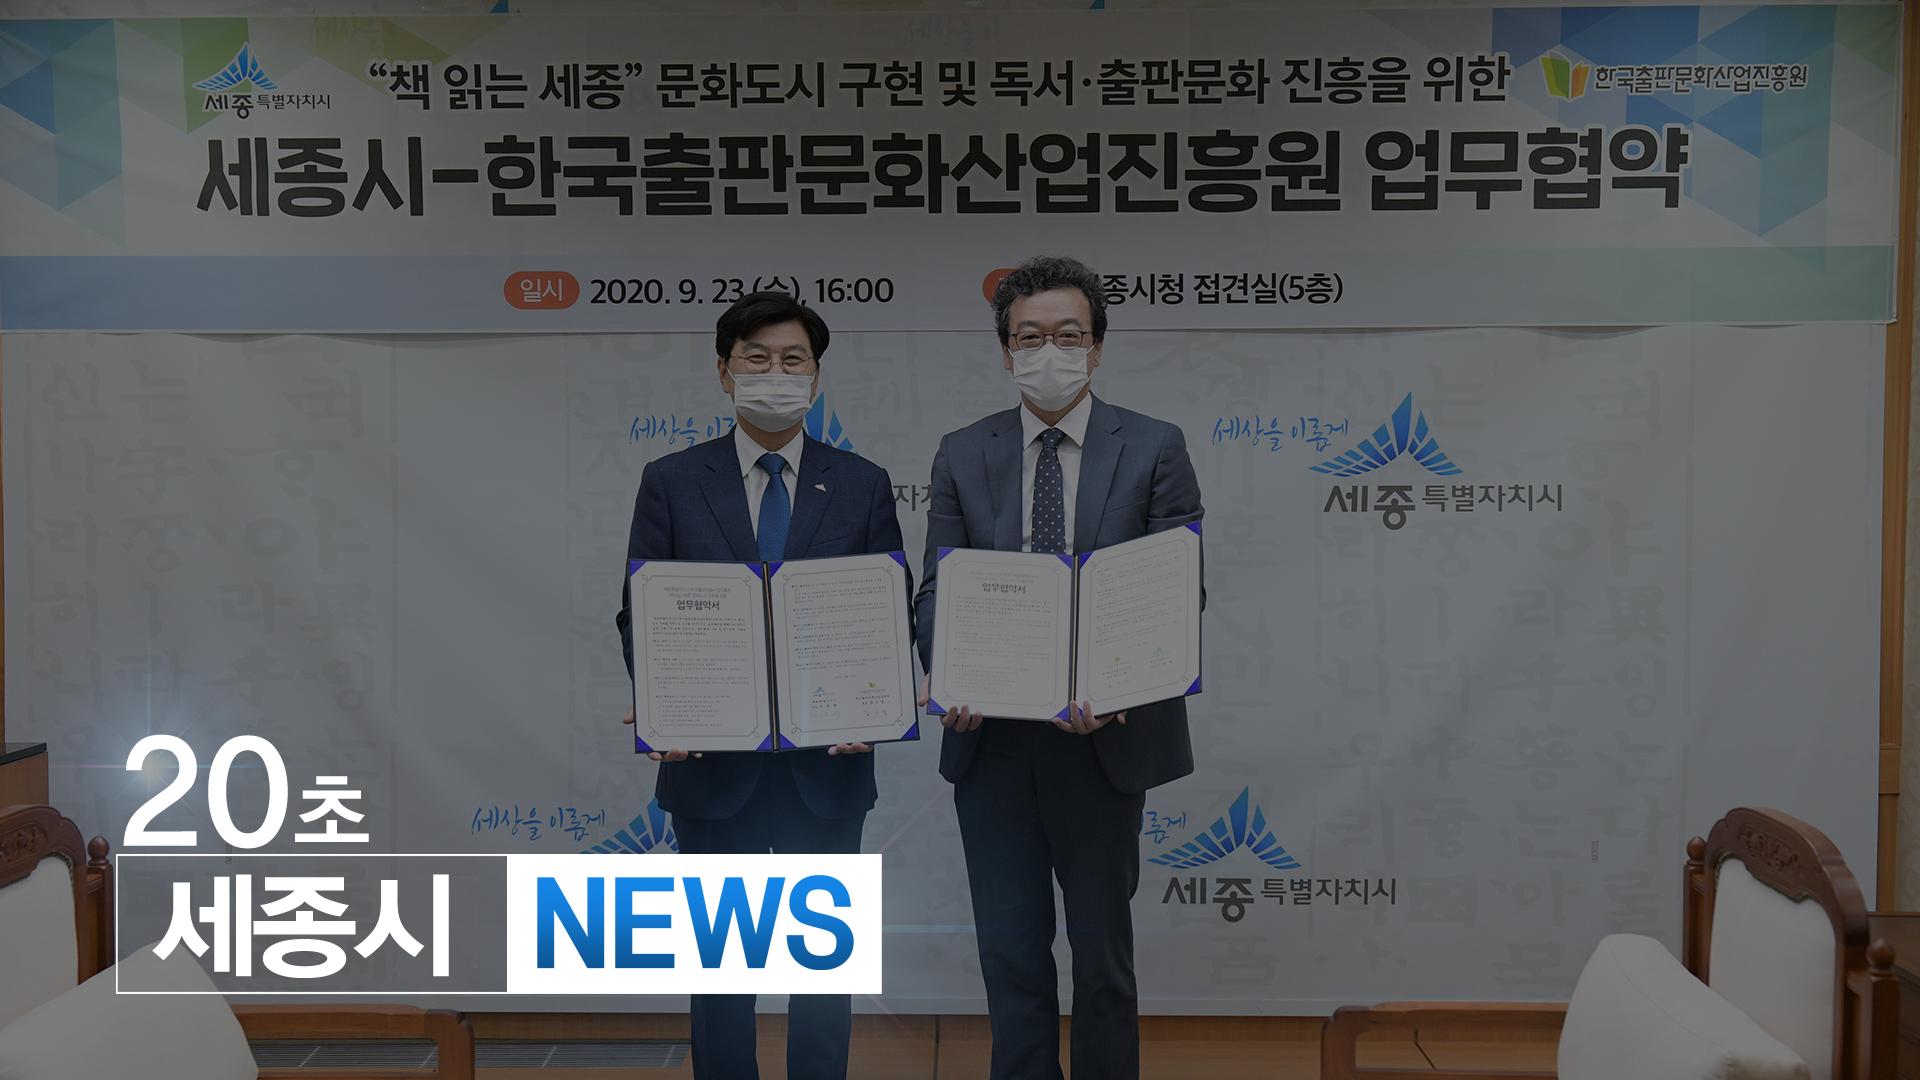 <20초뉴스> 세종시-한국출판문화산업진흥원 독서문화 진흥 협약